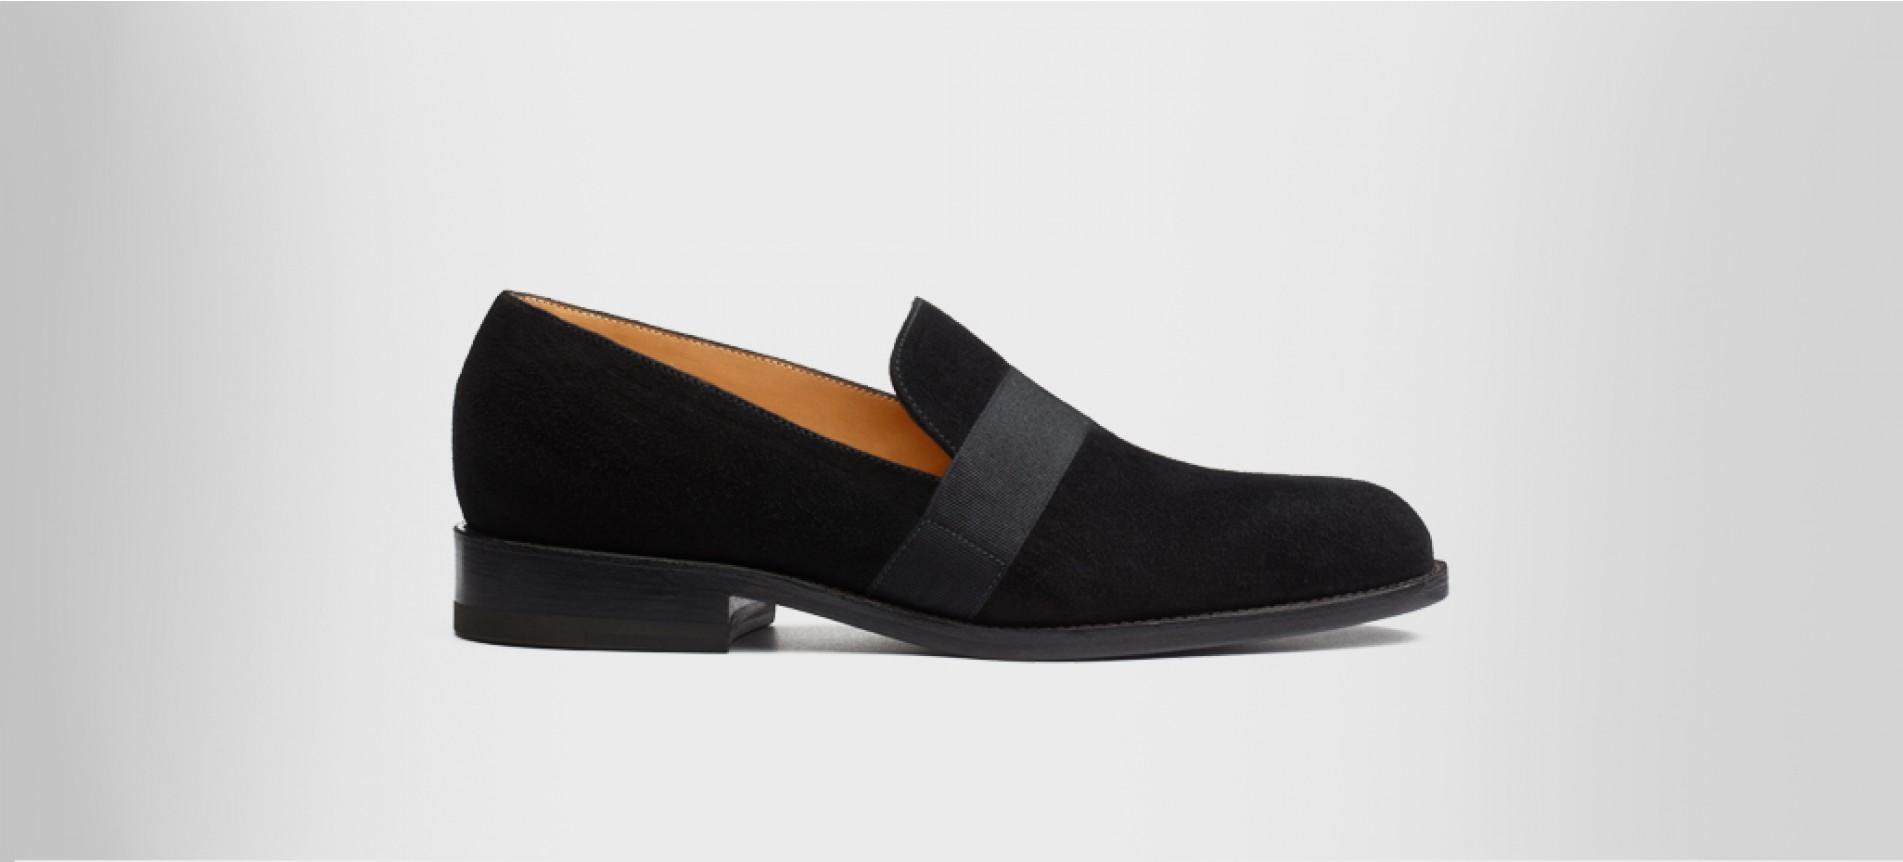 Tuxedo loafer Black suede goatskin